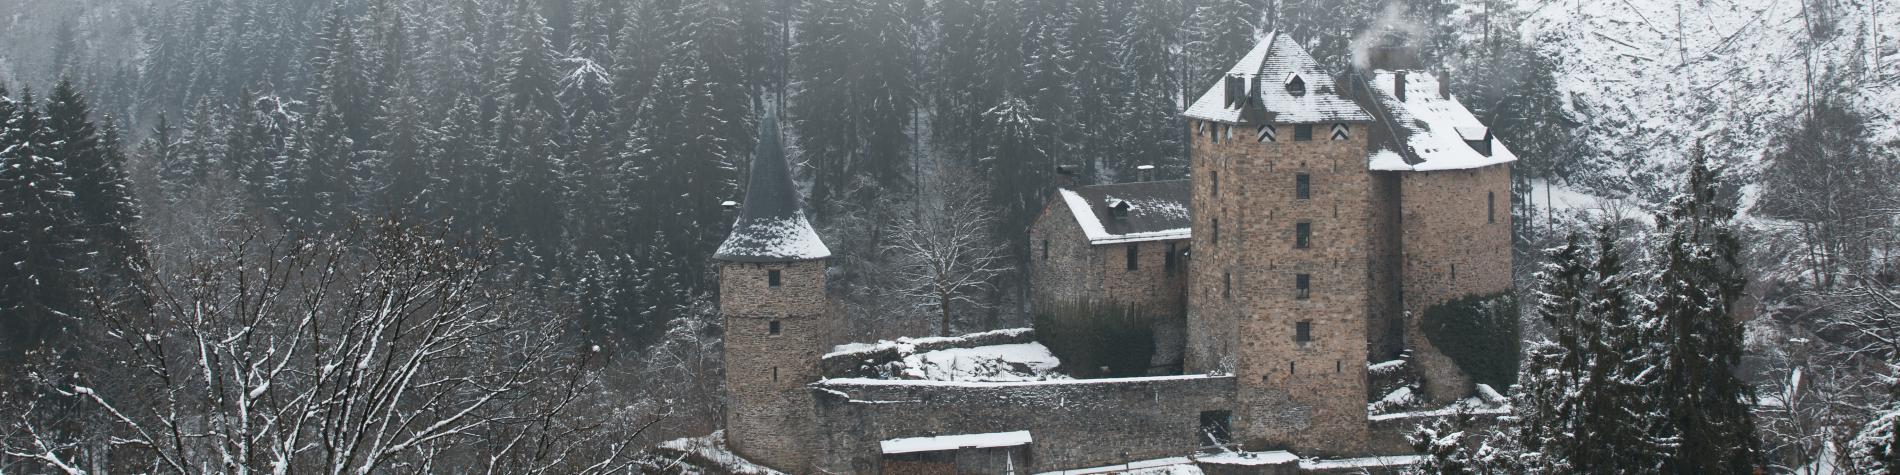 le Château de Reinhardstein sous la neige